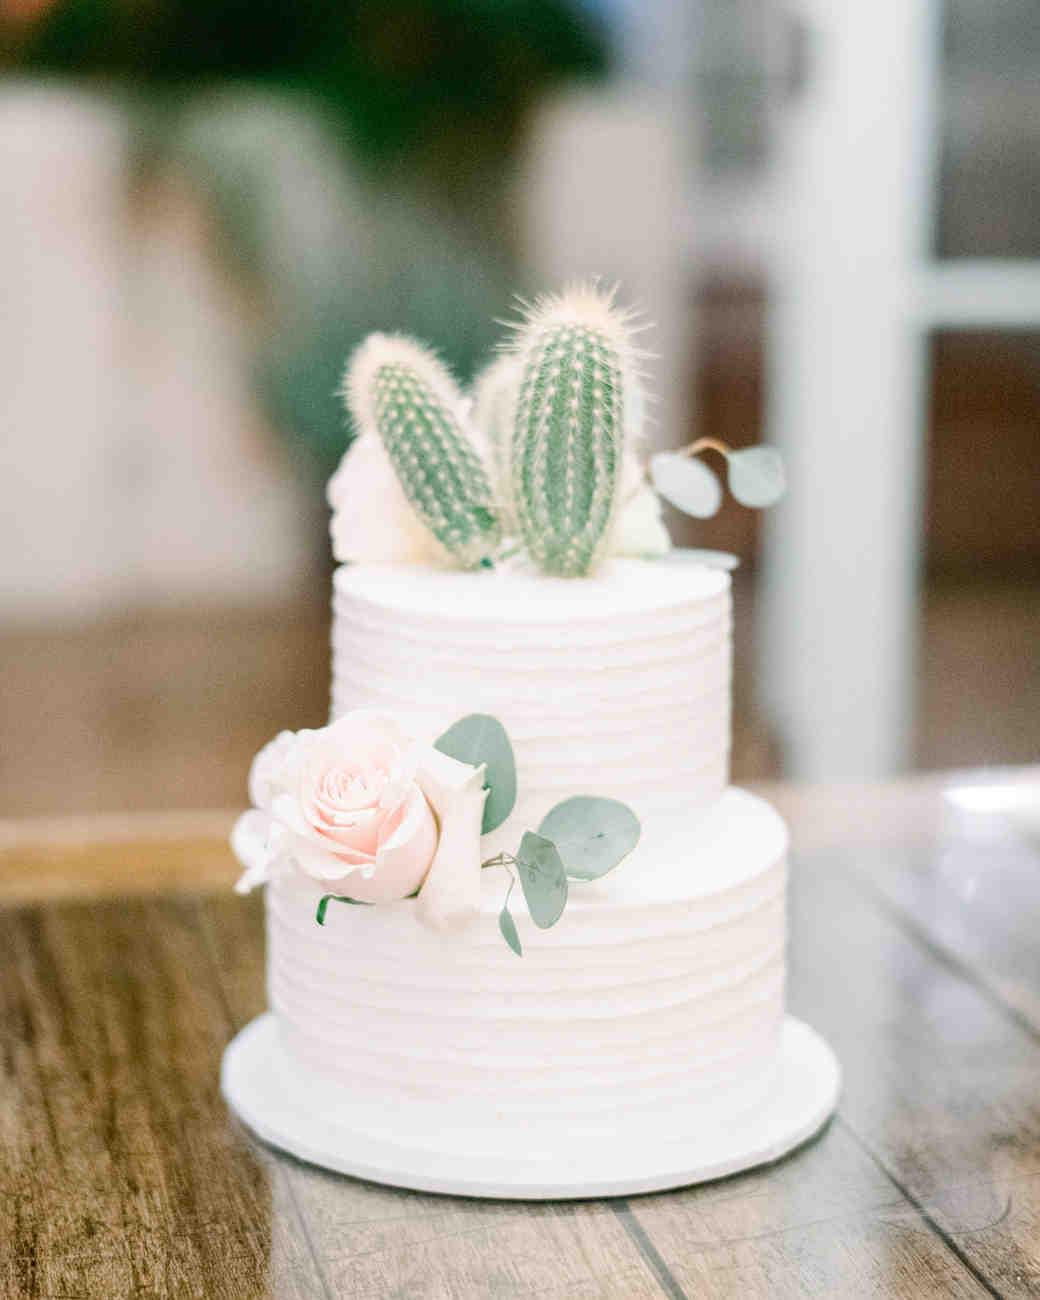 eucalyptus succulent cacti rose cake decor